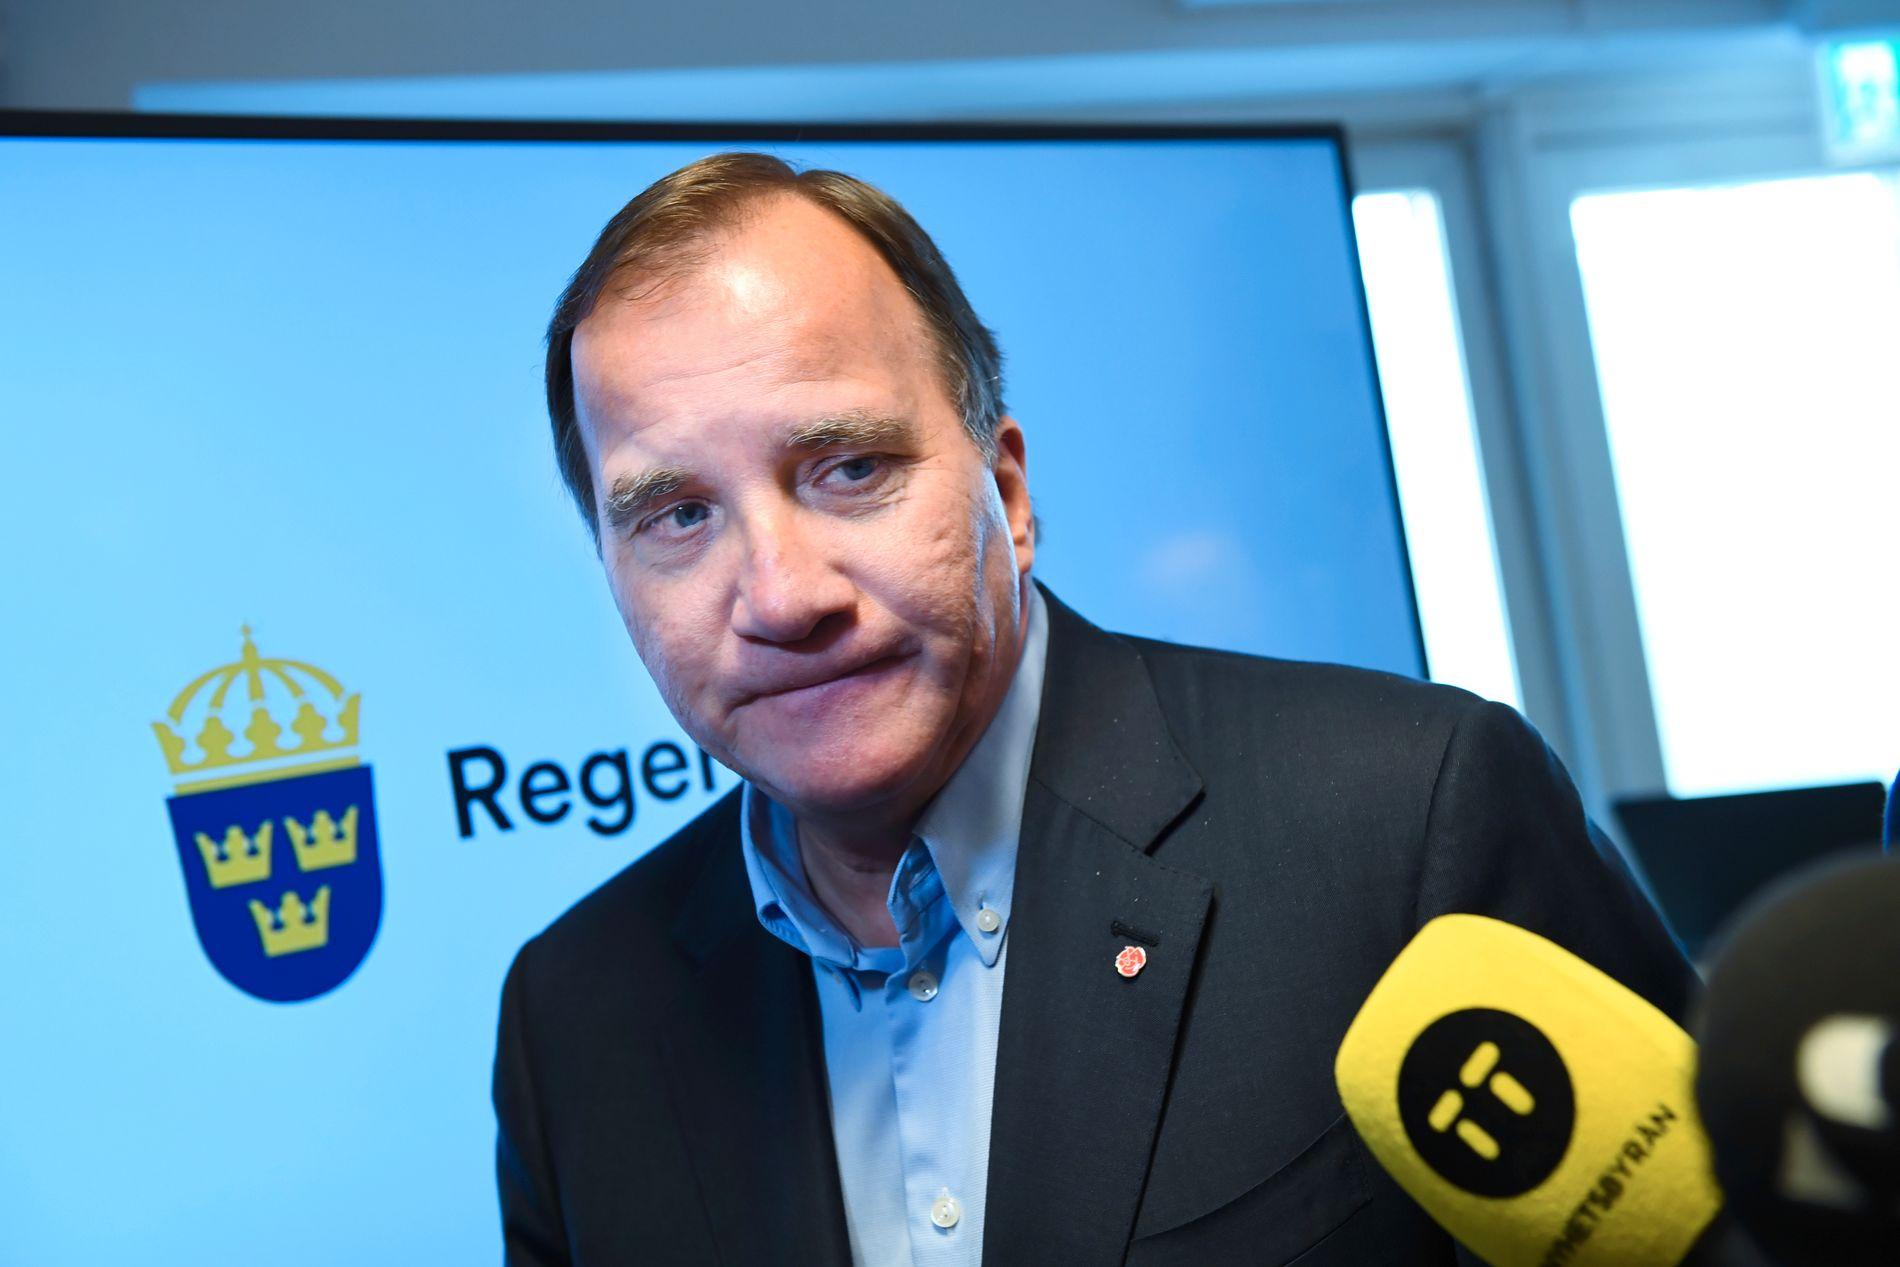 DÅRLIGE TALL: Statsminister Stefan Löfven og Socialdemokraterna sliter med oppslutningen fire måneder før valget i Sverige